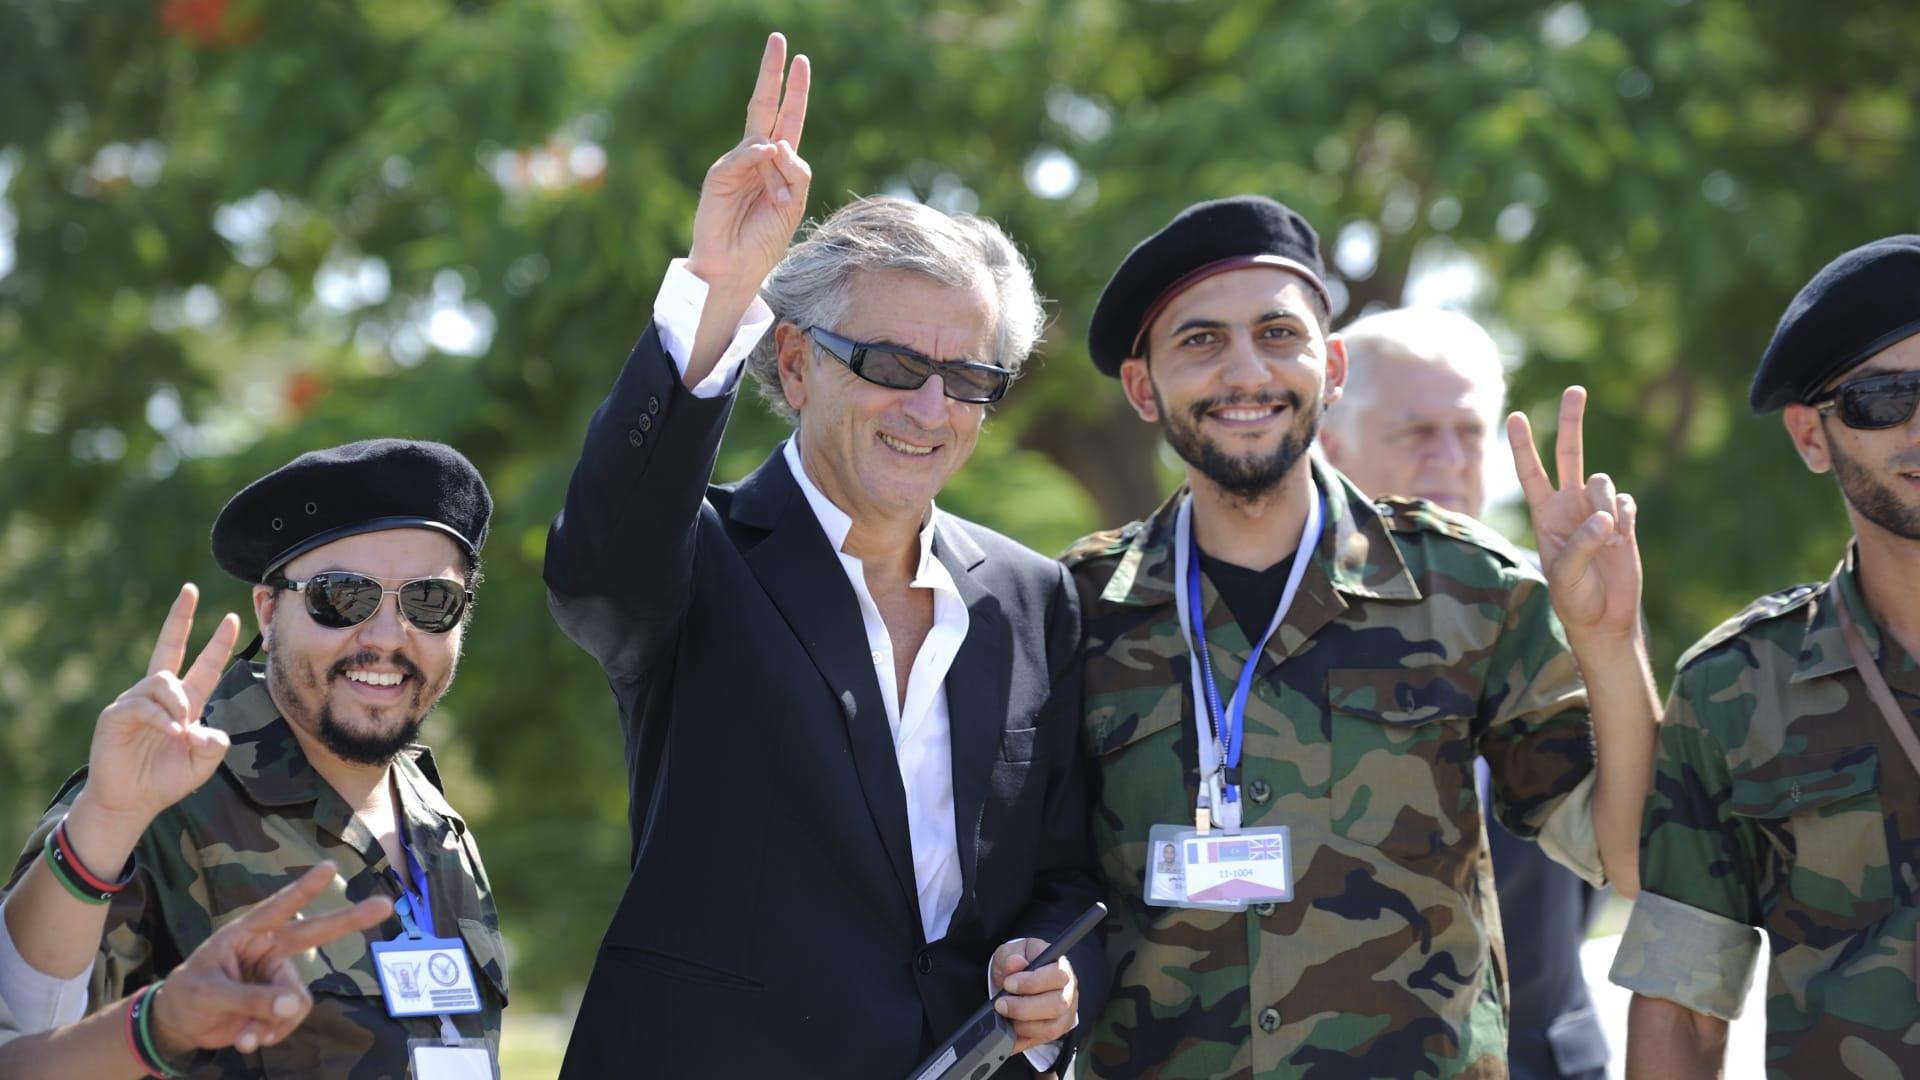 """لُقب بـ""""عراب الربيع العربي"""".. زيارة برنارد ليفي إلى ليبيا تُثير ردود فعل غاضبة وأنباء عن طرده من ترهونة"""